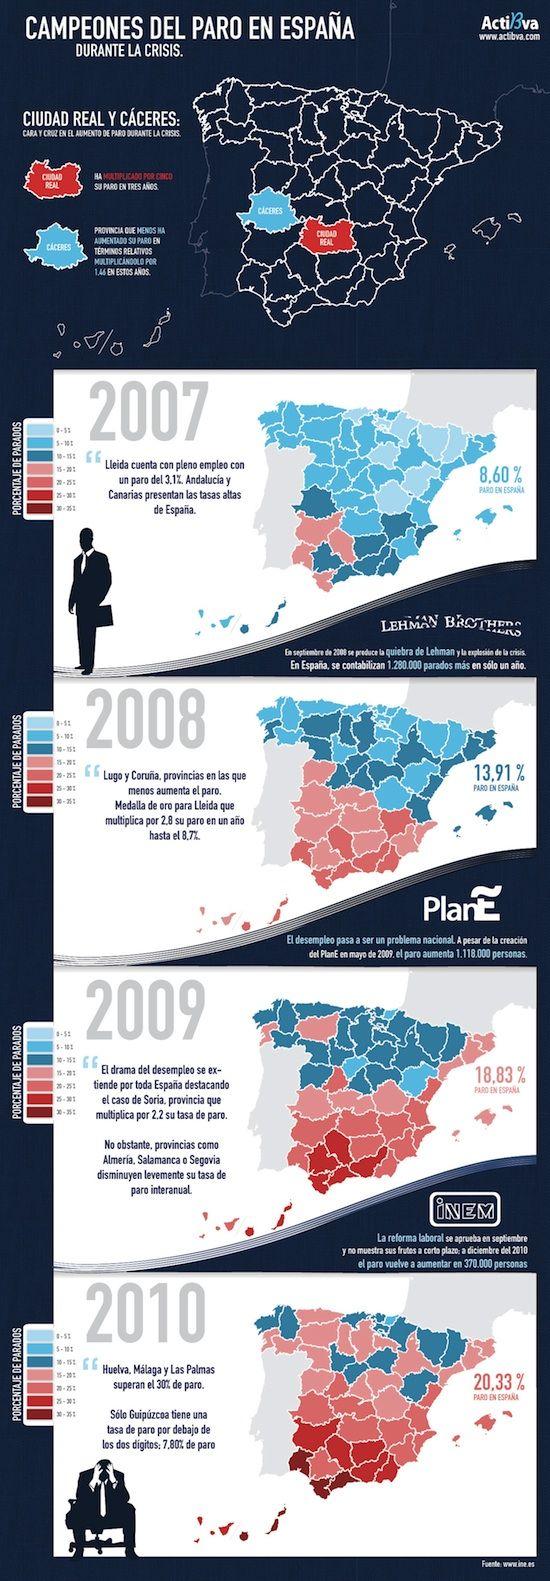 infografia-paro-en-espana-sm.jpg